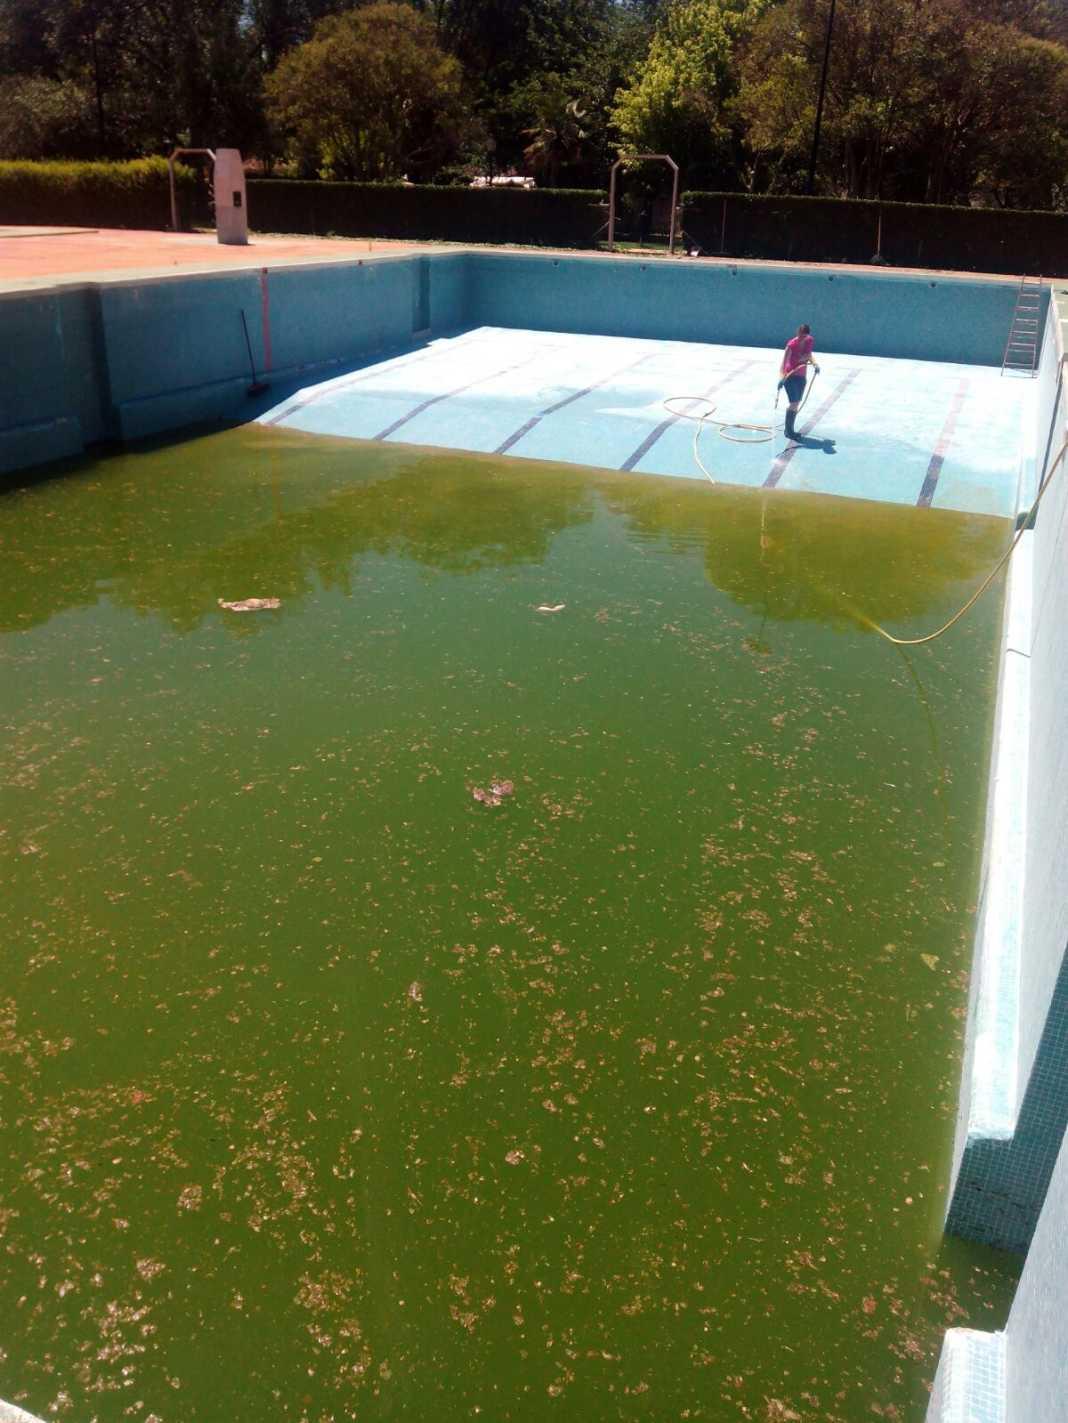 limpieza de piscina herencia para verano 2017 1068x1423 - Preparando la Piscina Municipal de Herencia para su próxima apertura